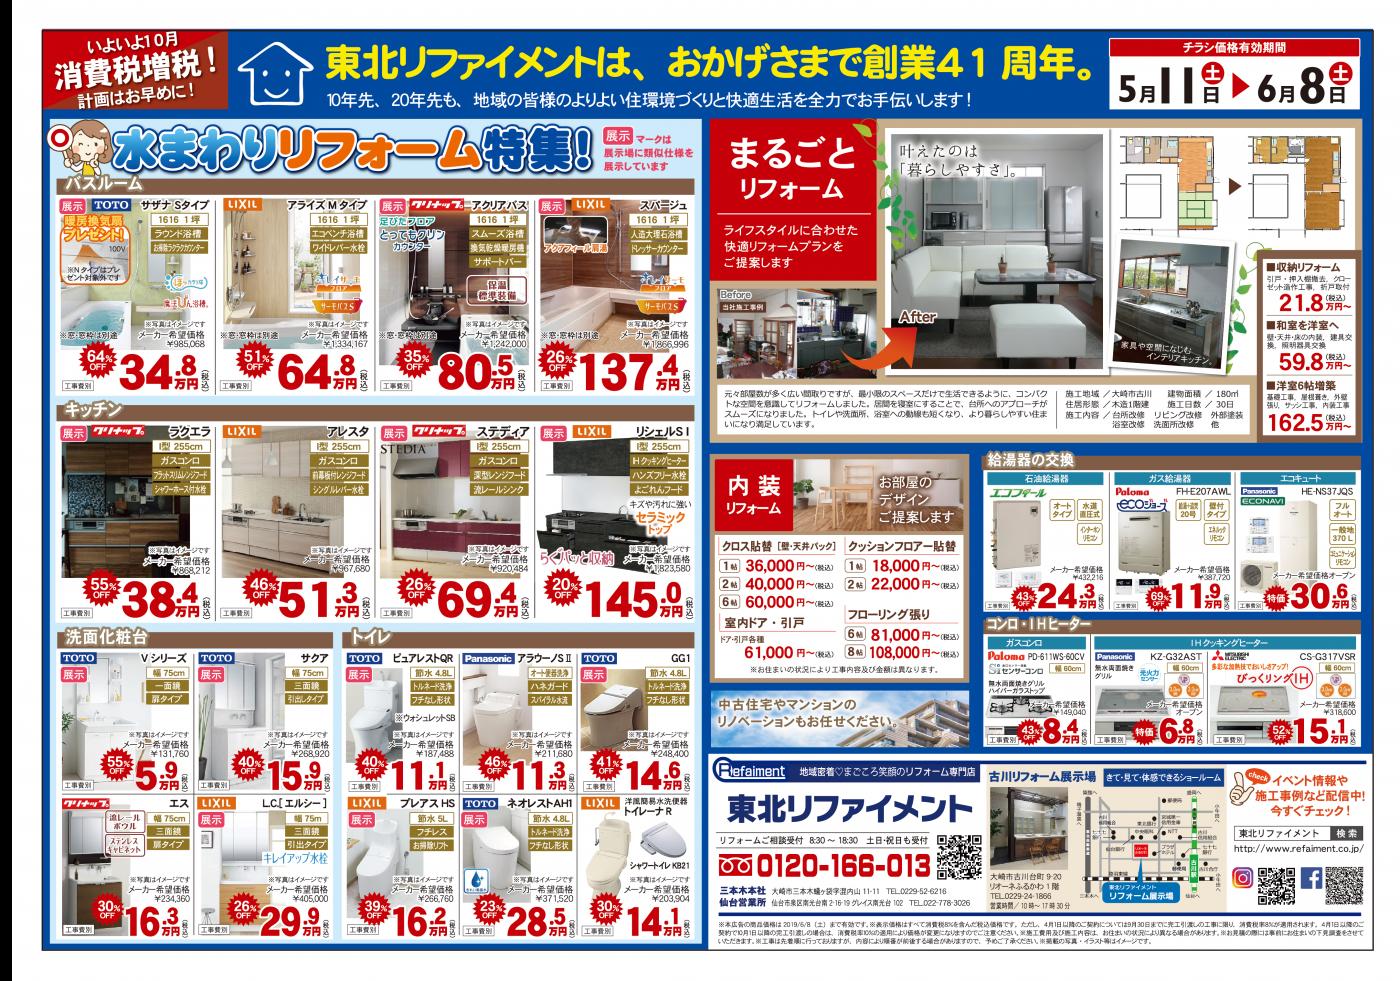 広告(2019_05_11) リフォーム総合 B4 OTL 裏